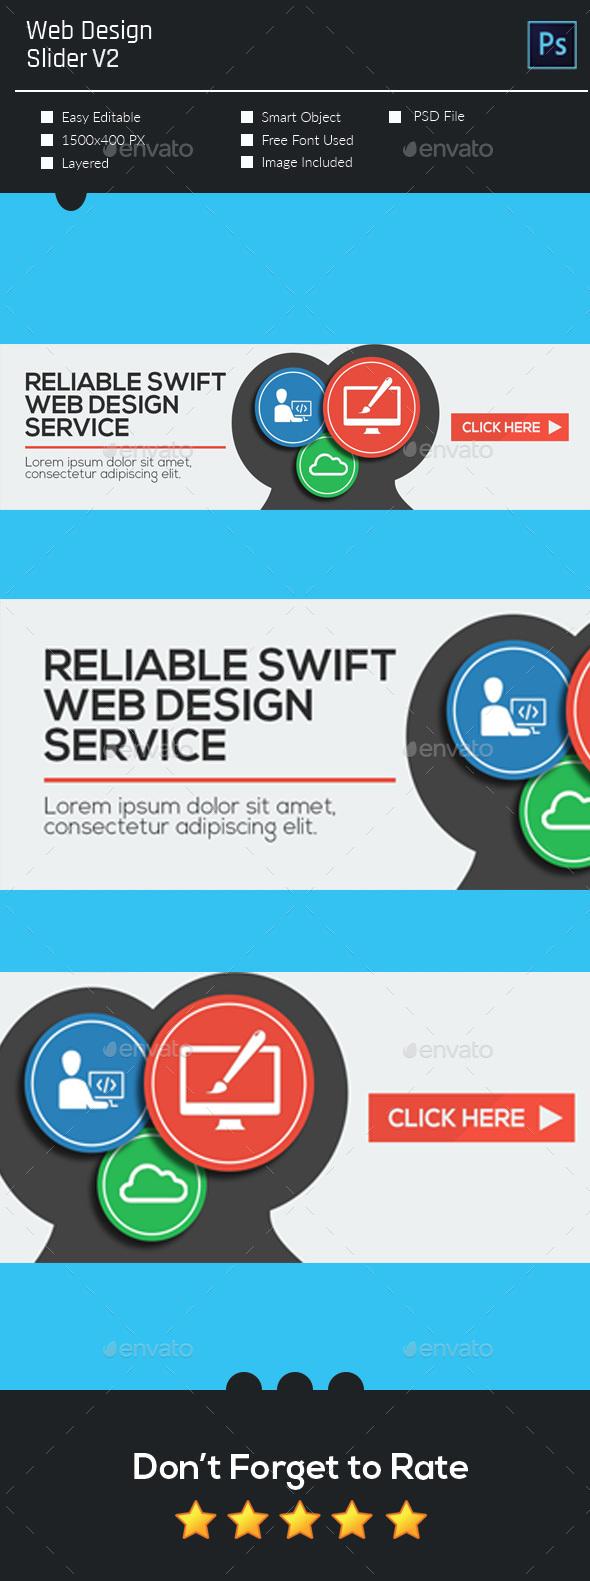 Web Design Slider V2 - Sliders & Features Web Elements